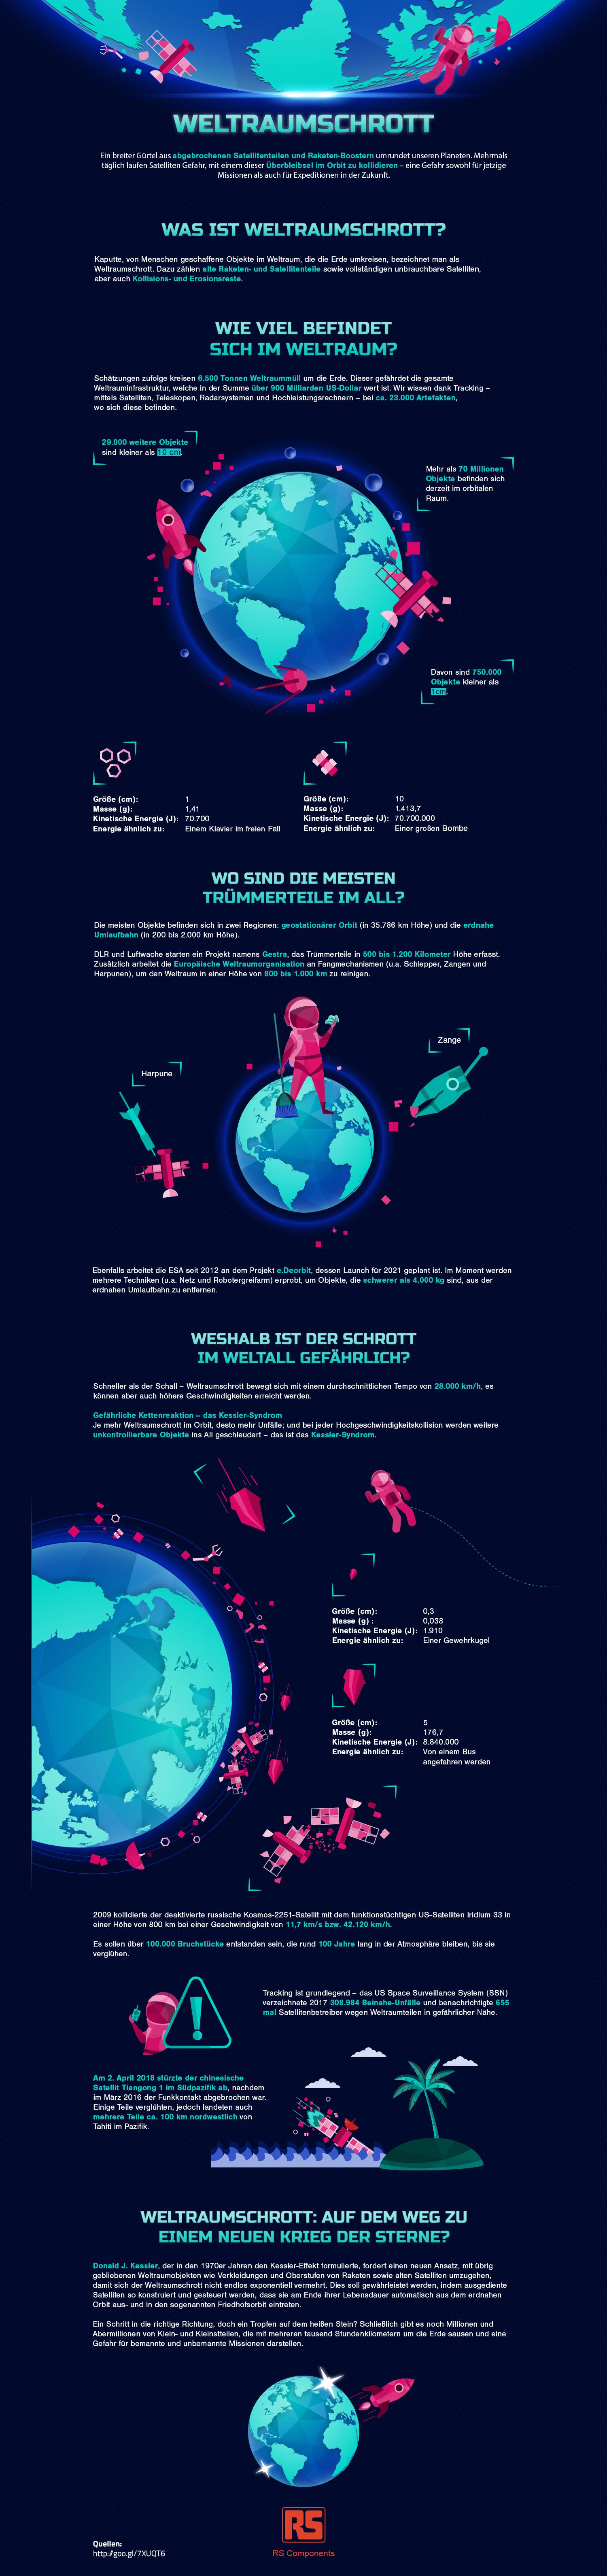 Weltraumschrott - Die Gefahr aus dem All